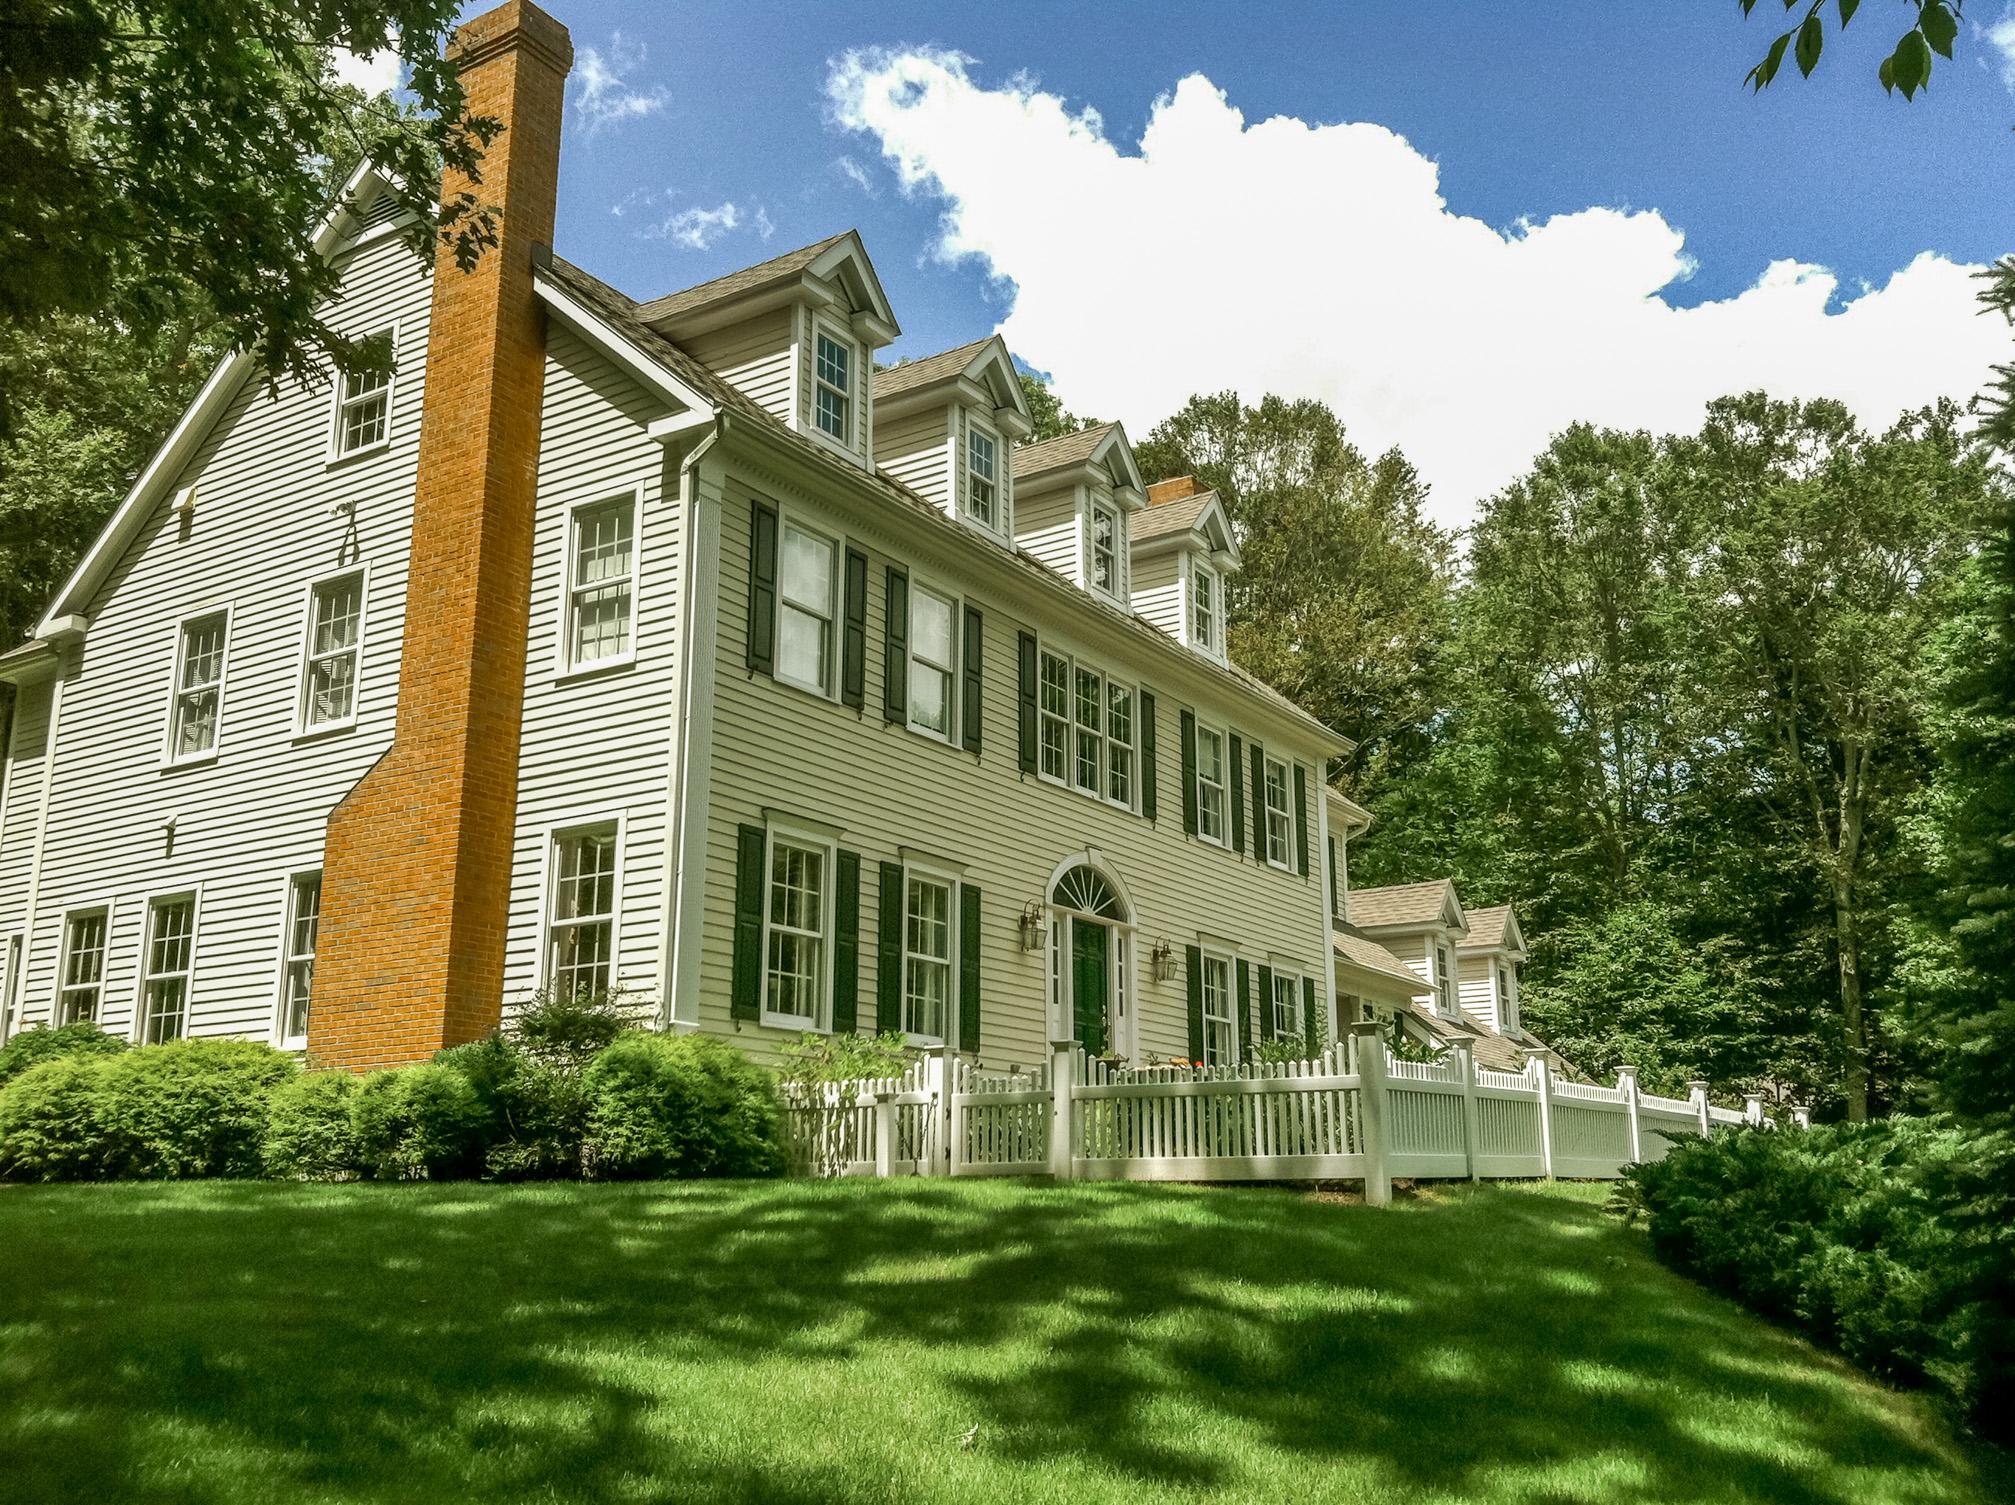 Maison unifamiliale pour l Vente à Enjoy Every Indulgence! 152 Cheesespring Road Wilton, Connecticut, 06897 États-Unis